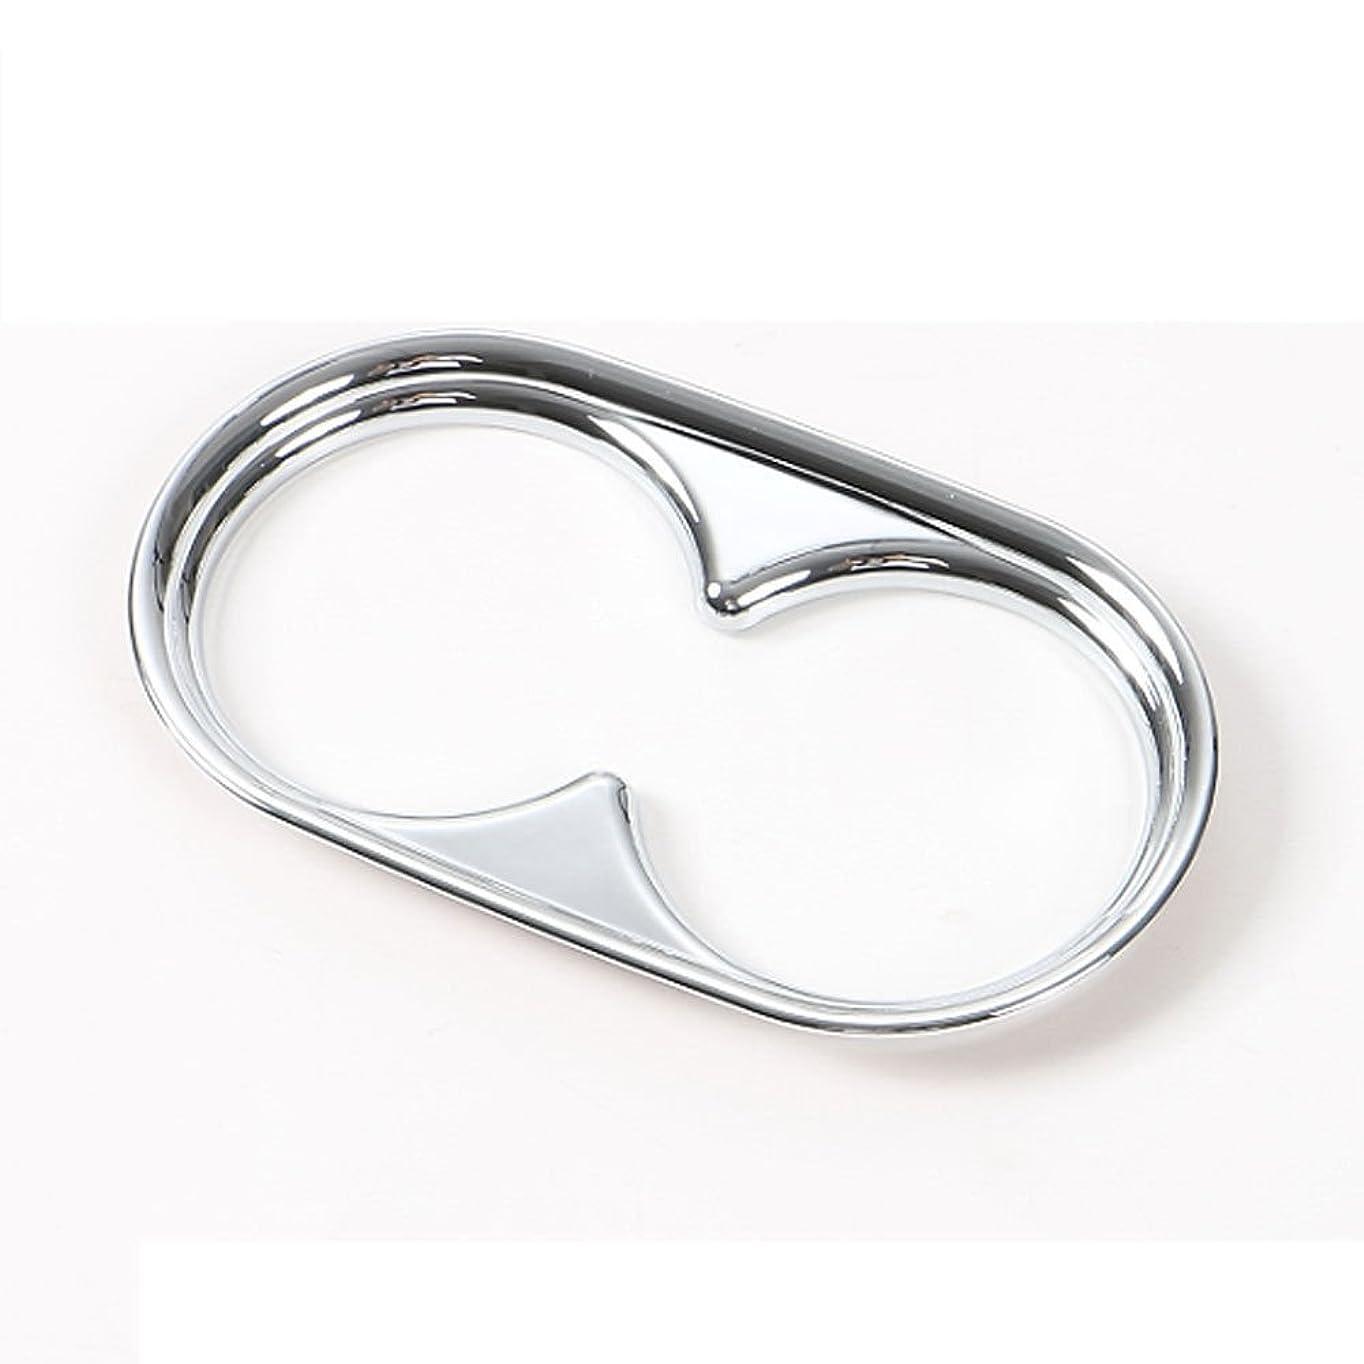 女性歴史からかうJicorzo - Car-Styling Water Cup Holder Cover Trim Chrome ABS Decor Frame Interior Sticker ABS For 2007-2015 Suzuki Jimny Car Accessories [Silver]